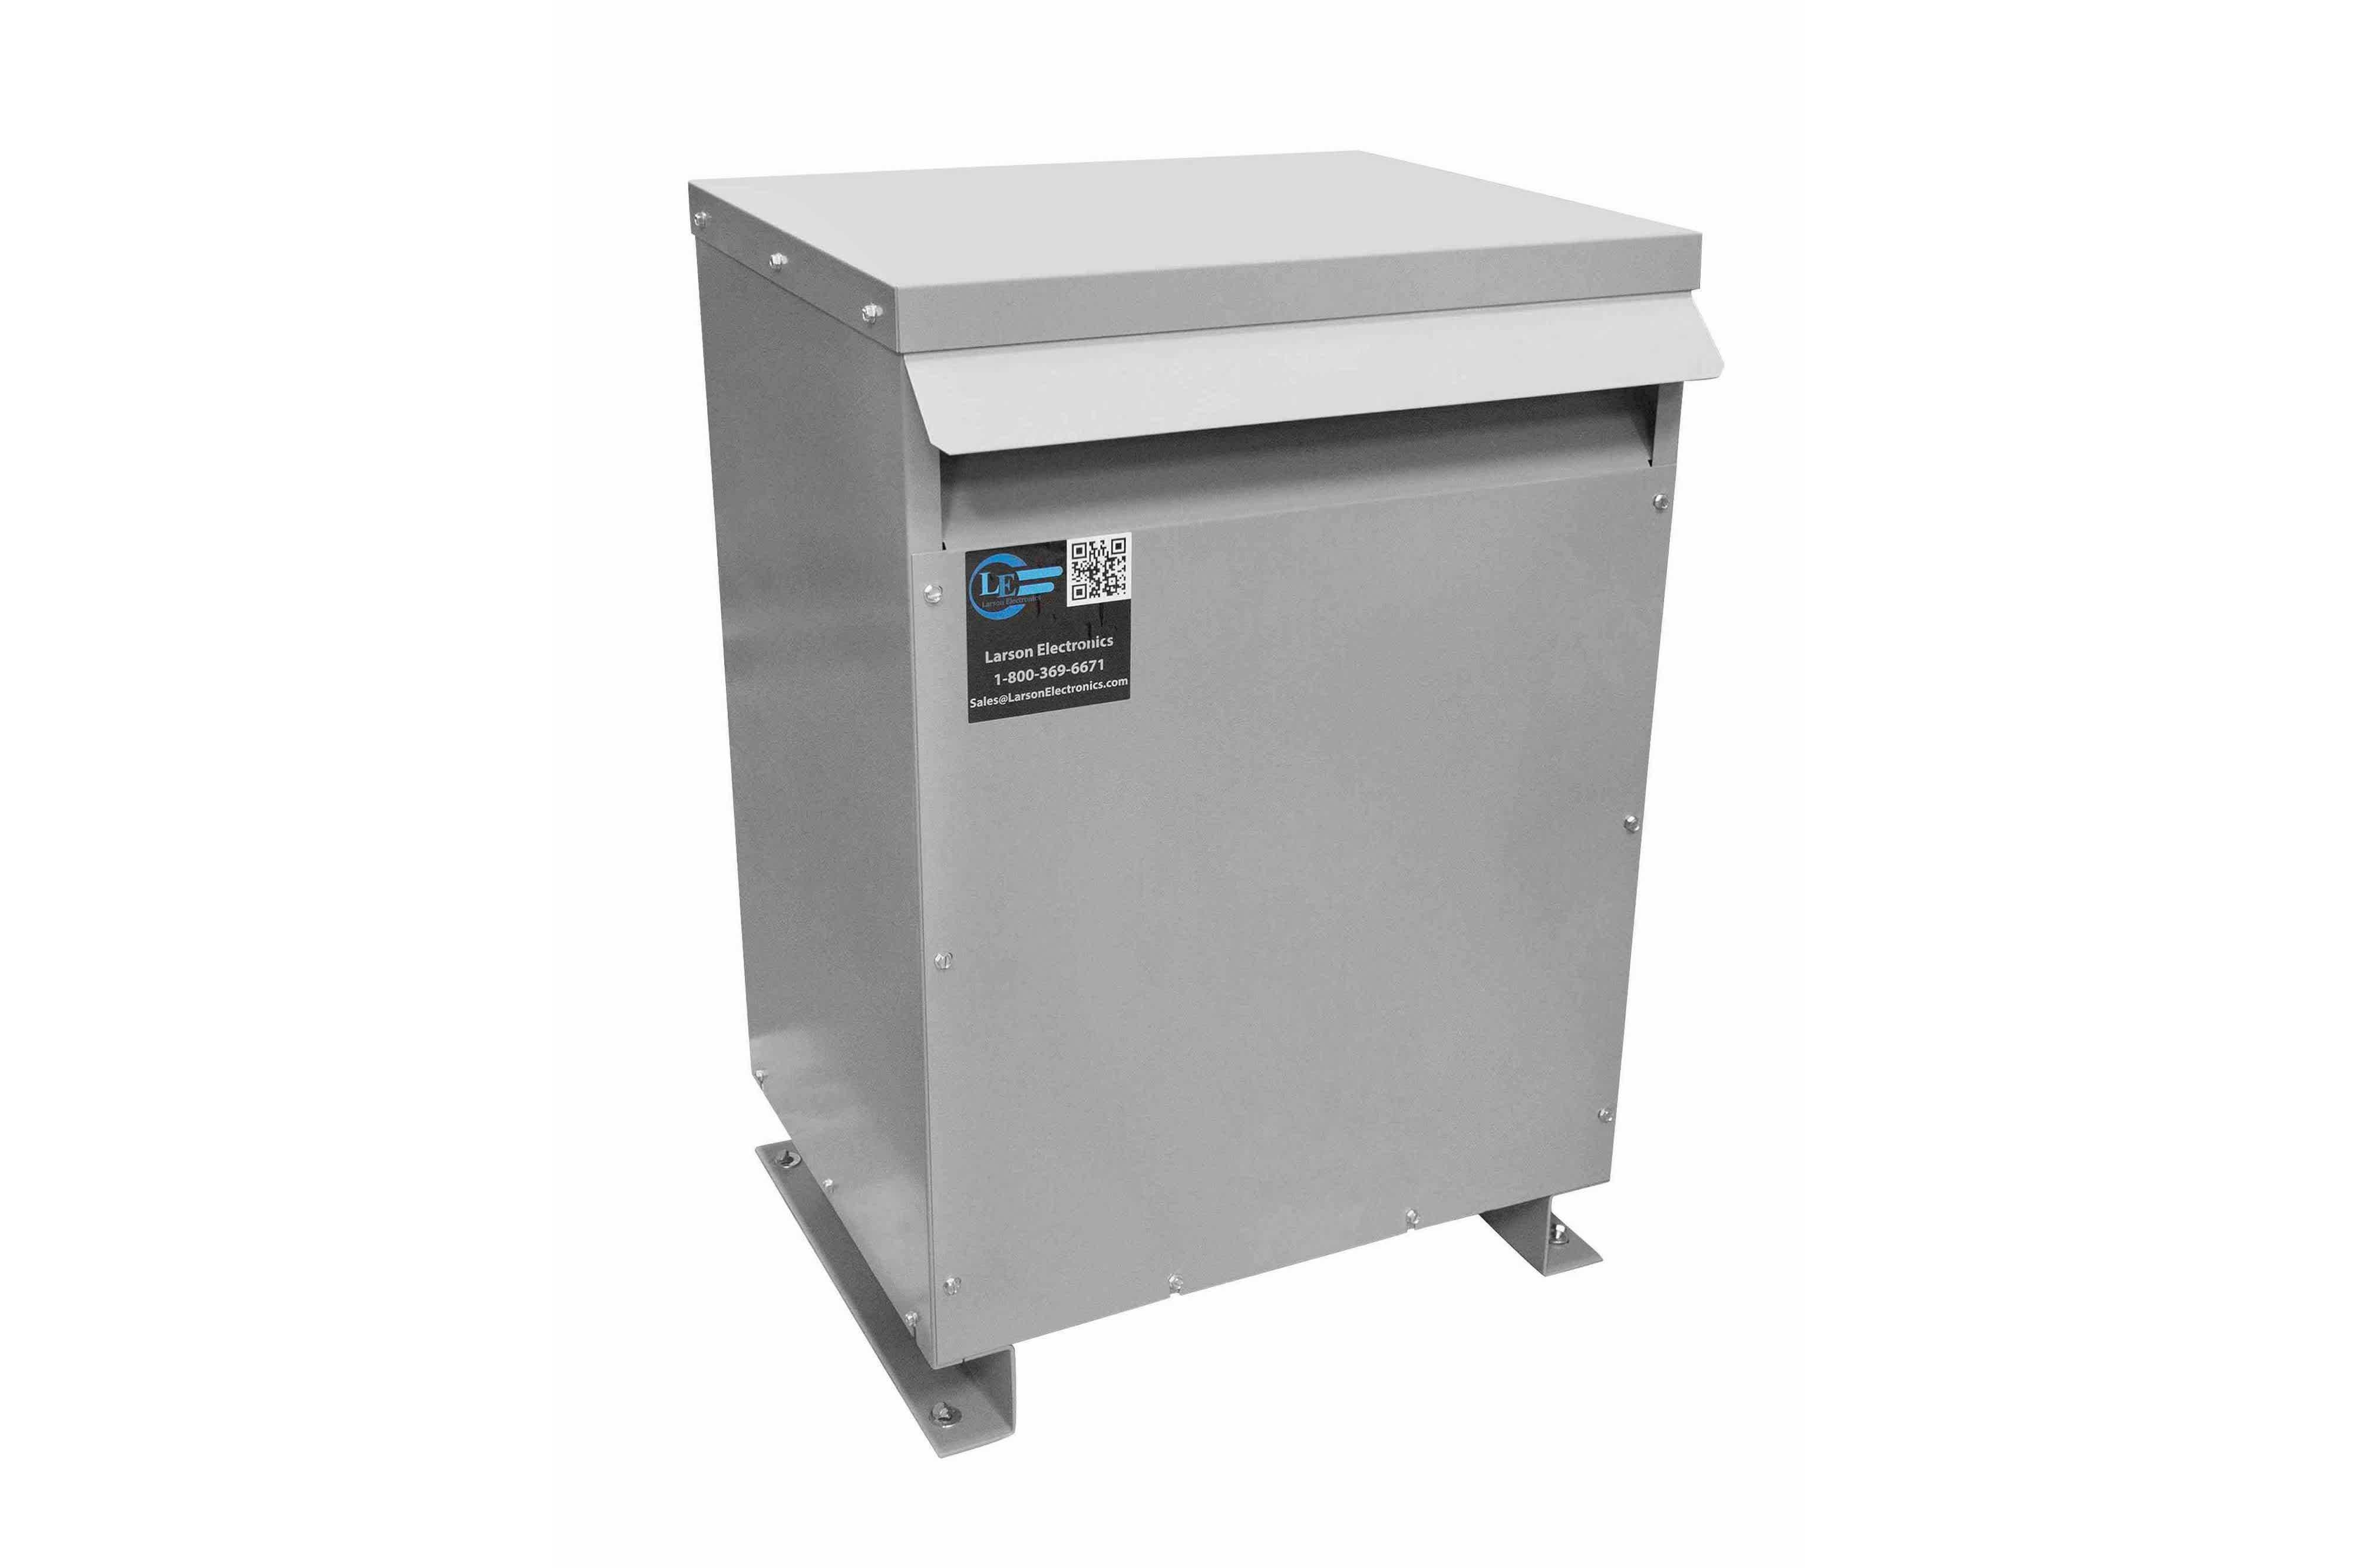 500 kVA 3PH Isolation Transformer, 600V Delta Primary, 415V Delta Secondary, N3R, Ventilated, 60 Hz